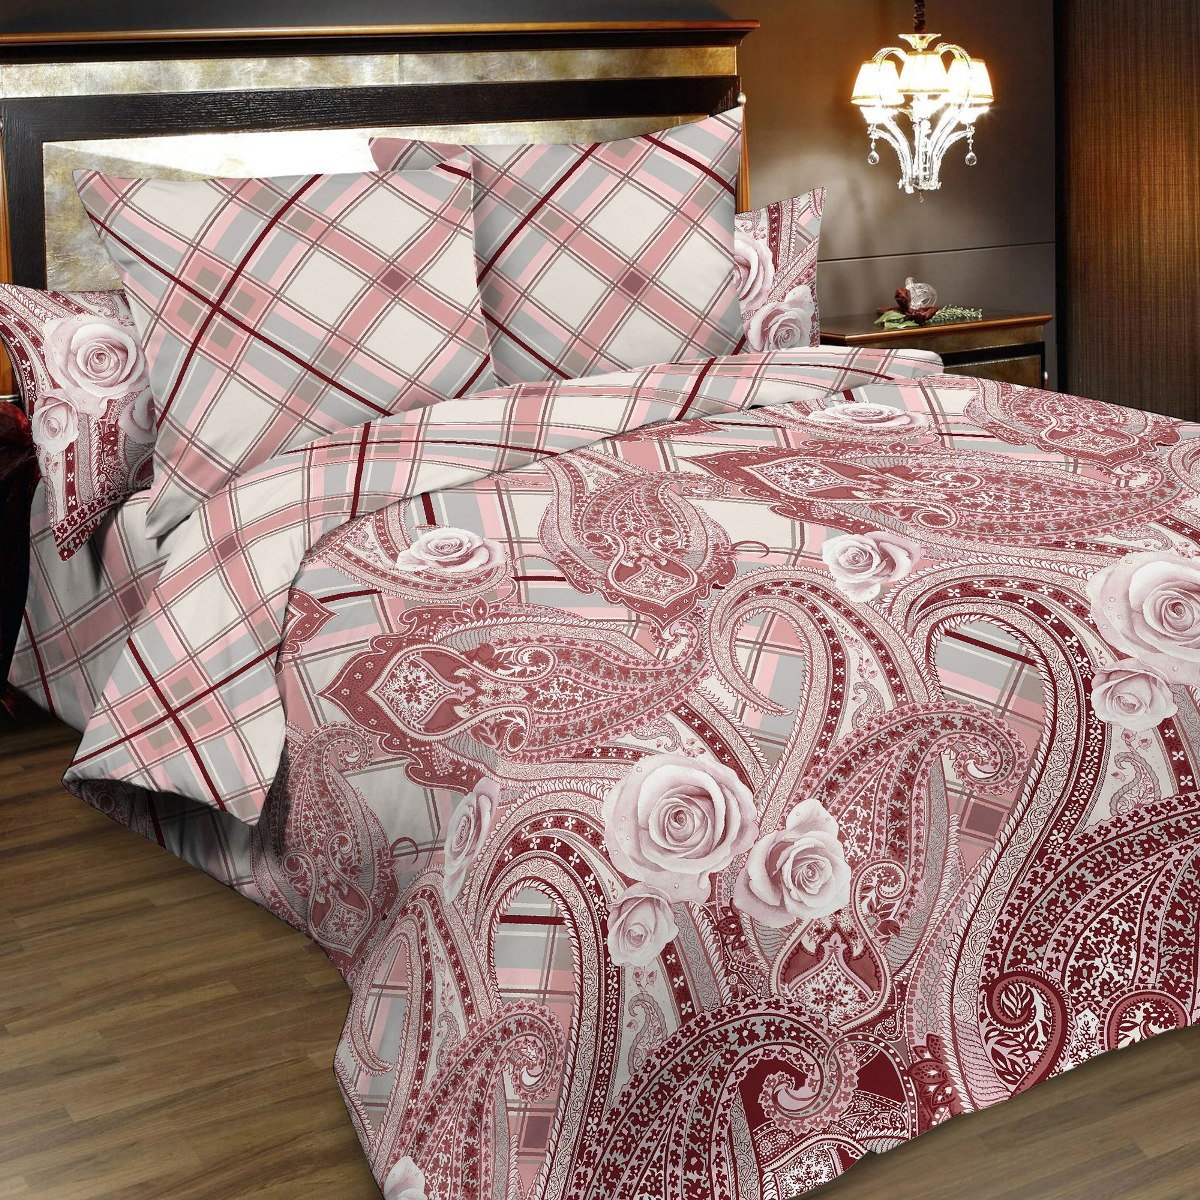 Комплект белья Letto, 2-спальный, наволочки 70х70, цвет: розовый. B169-4291242Серия Letto «Традиция» выполнена из классической российской бязи, привычной для большинства российских покупательниц. Ткань плотная (125гр/м), используются современные устойчивые красители. Традиционная российская бязь выгодно отличается от импортных аналогов по цене, при том, что сама ткань и толще, меньше сминается и служит намного дольше. Рекомендуется перед первым использованием постирать, но не пересушивать. Применение кондиционера при стирке сделает такое постельное белье мягче и комфортней. Пододеяльник на молнии. Обращаем внимание, что расцветка наволочек может отличаться от представленной на фото.